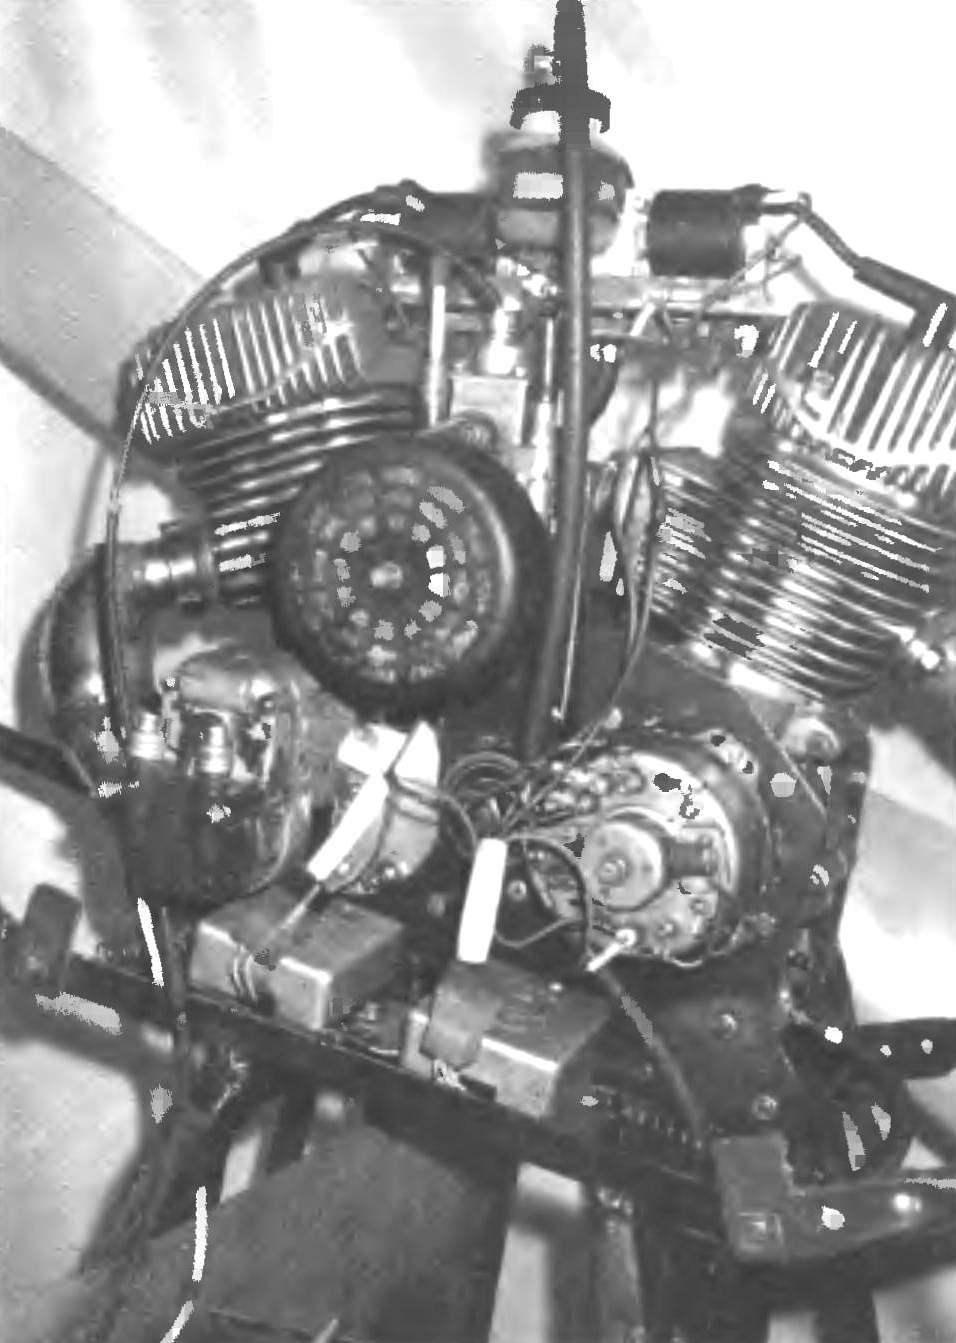 Фото 2. Д-30 с электронной системой зажигания